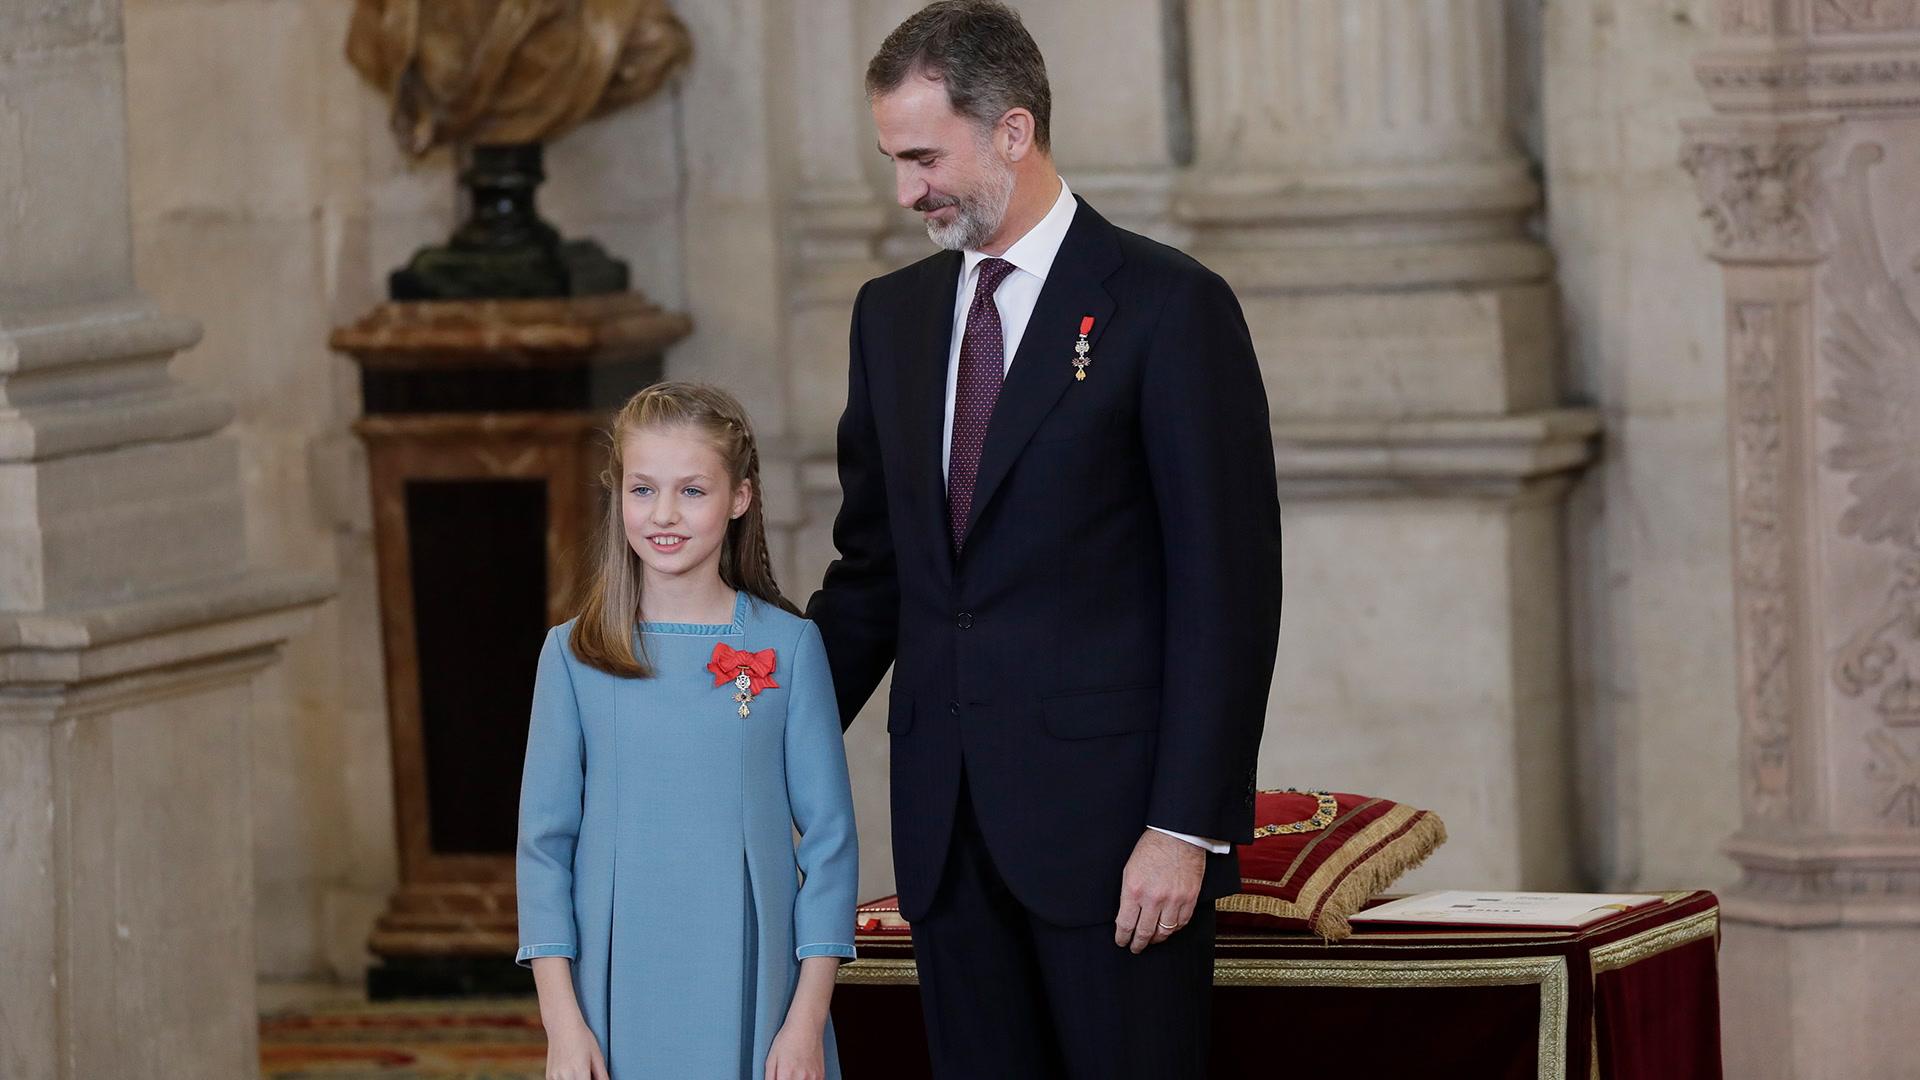 Felipe VI entrega el Toisón de Oro a su hija Leonor